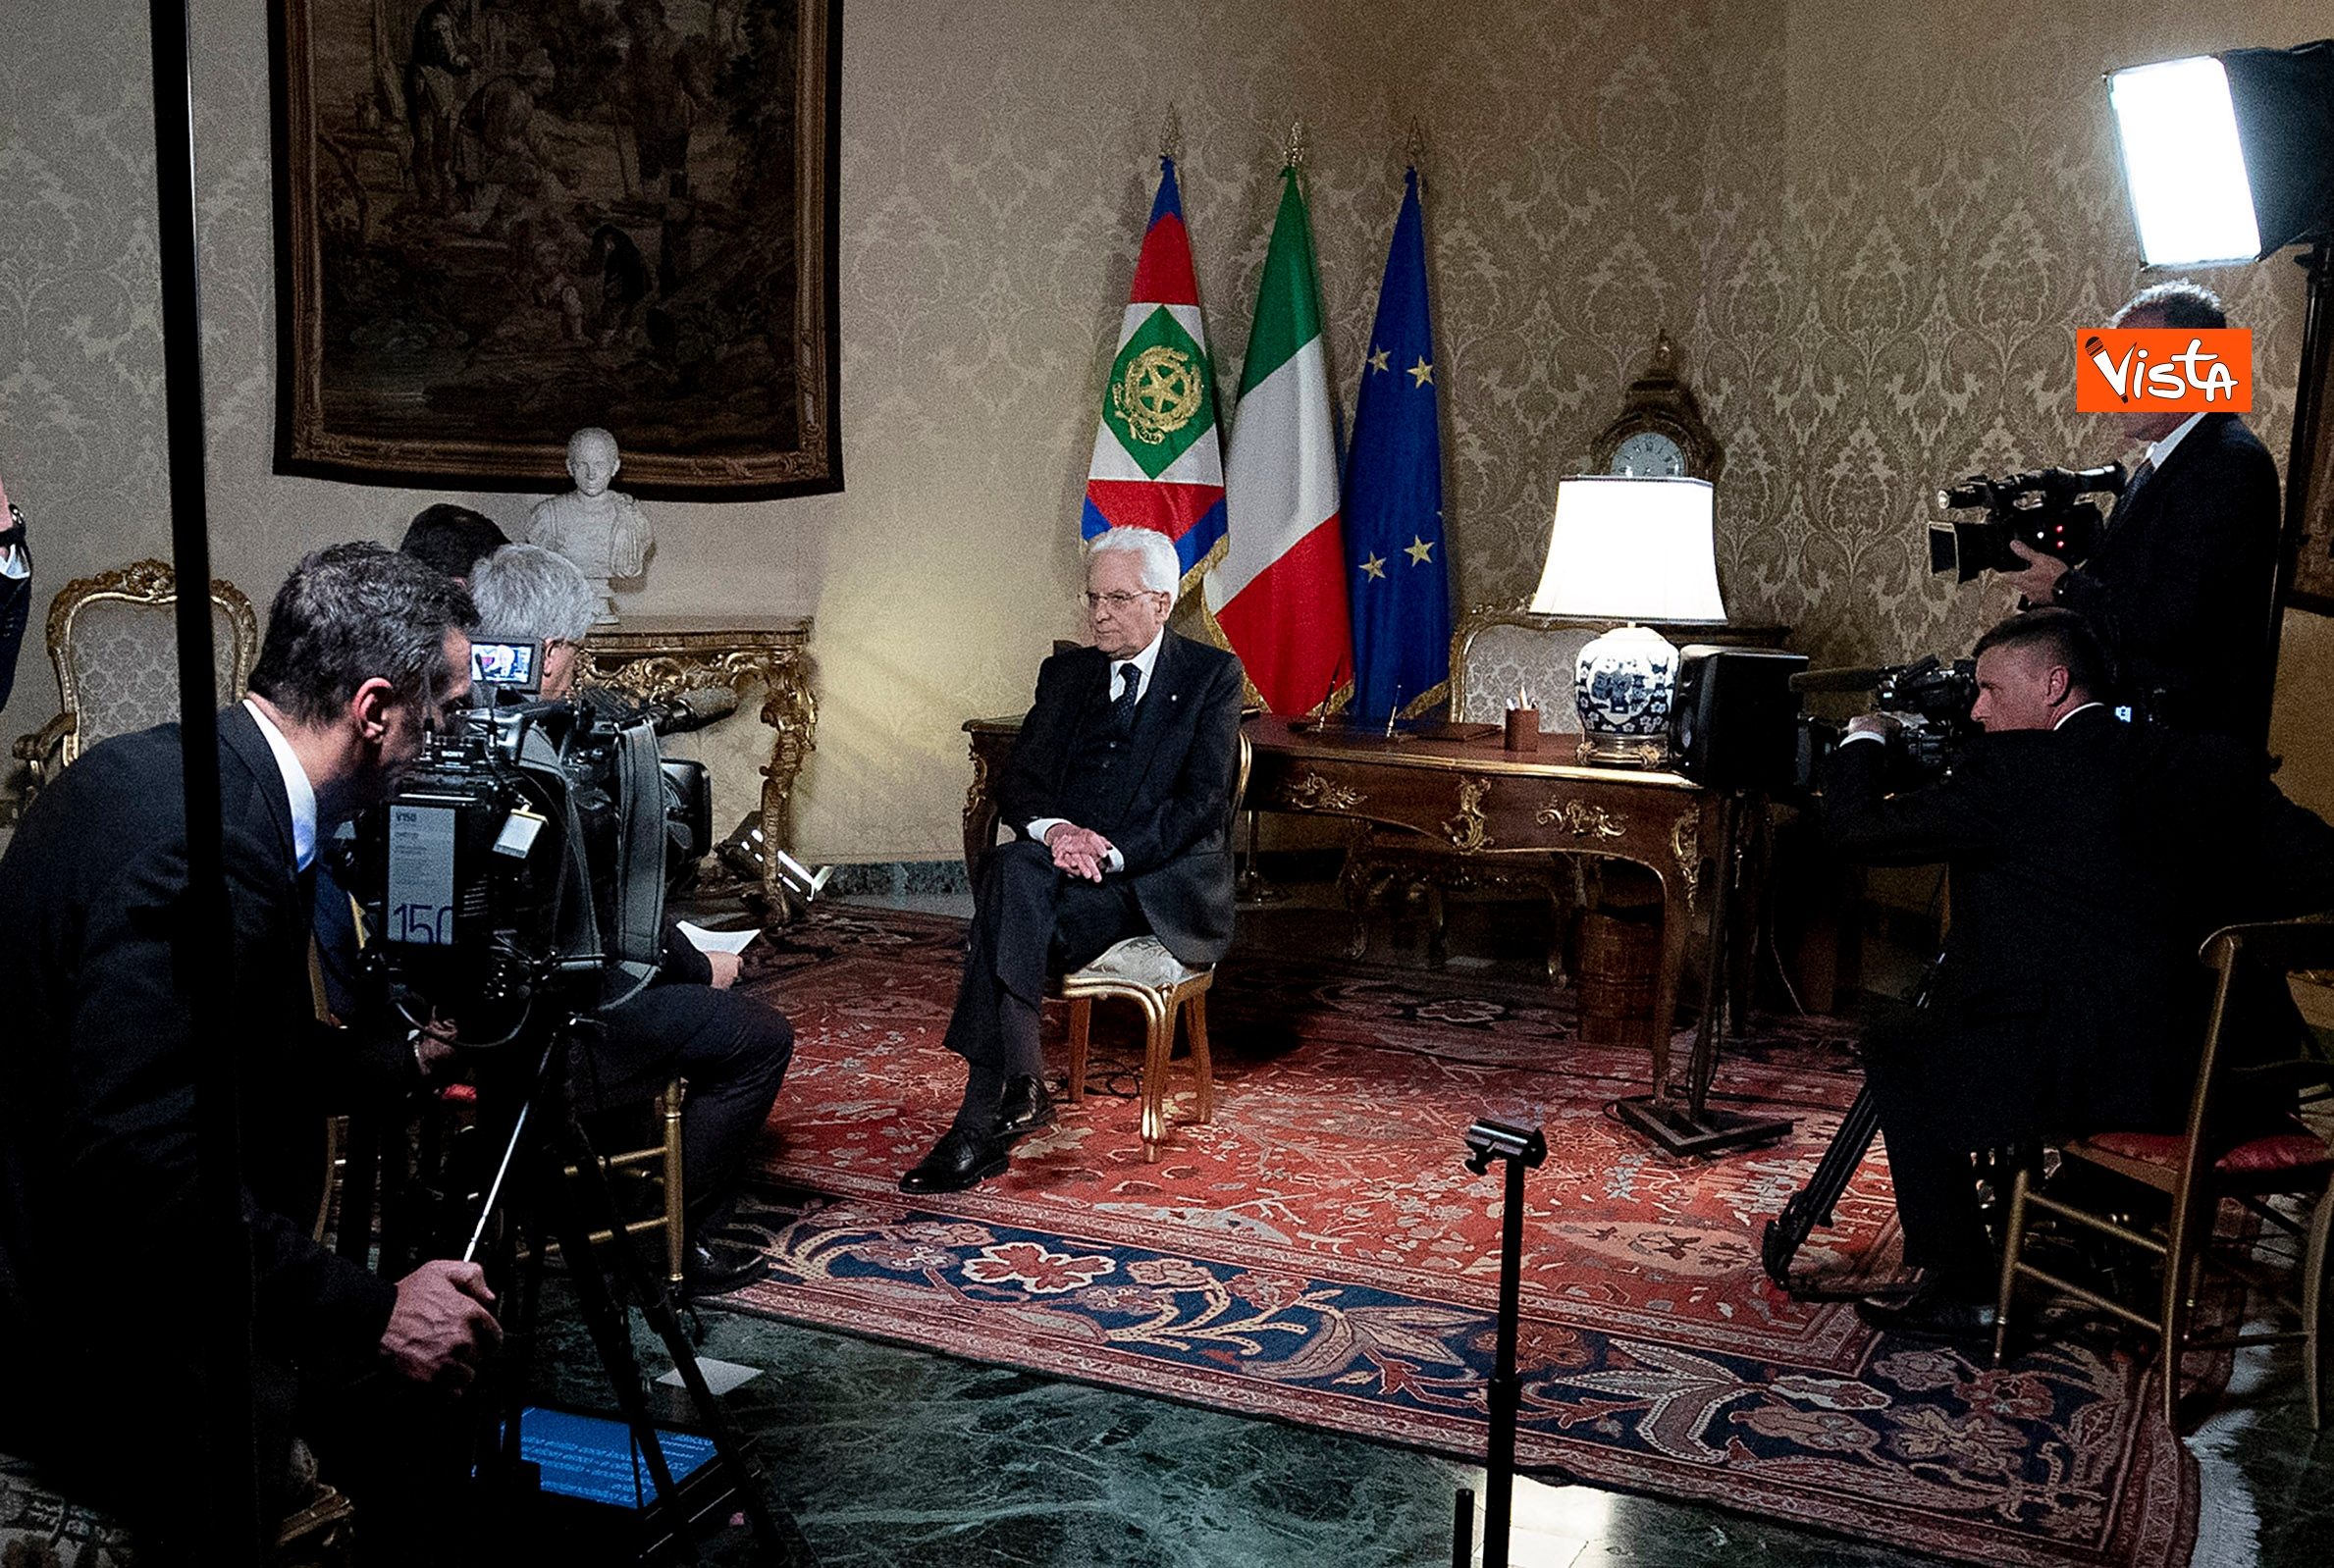 Mattarella intervistato dai media del Vaticano_04